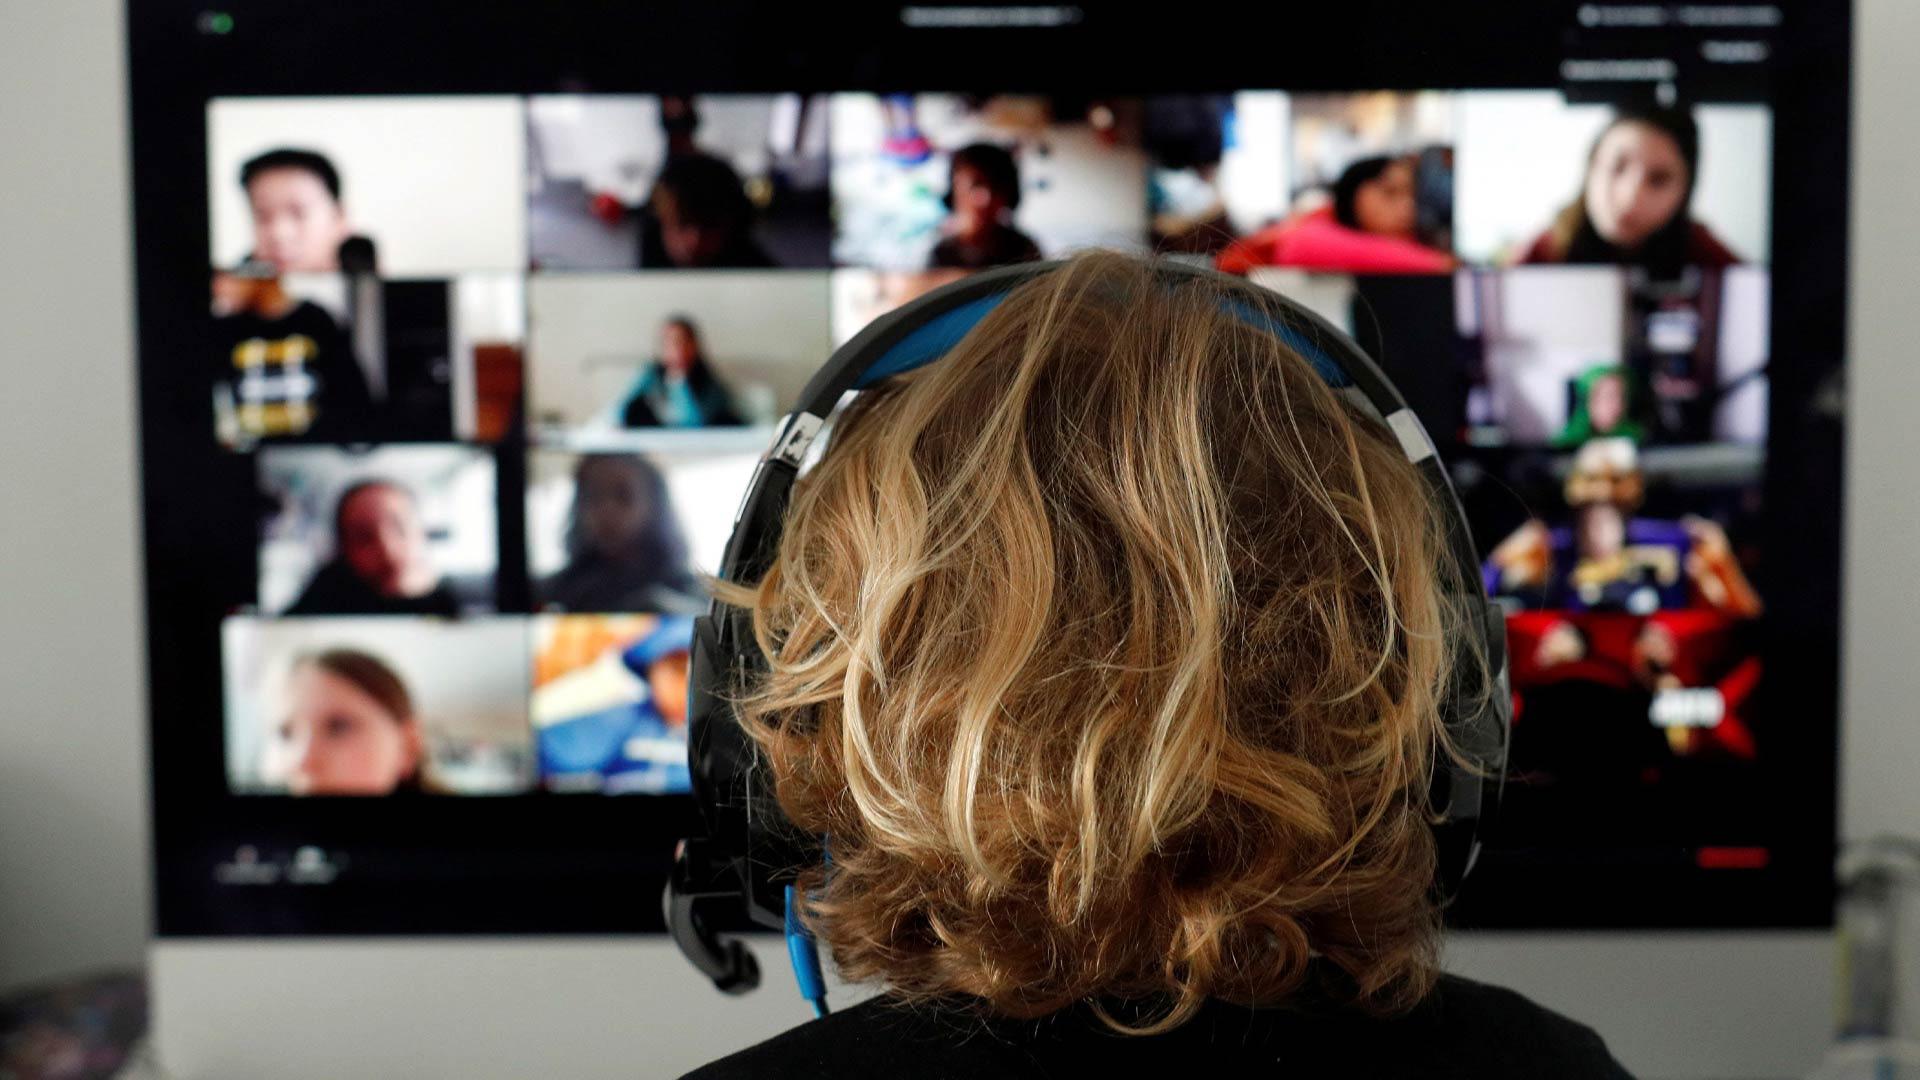 Góc nghiêm trị: Một nam sinh bị bắt vì phá rối lớp học online trên ứng dụng Zoom - Ảnh 2.